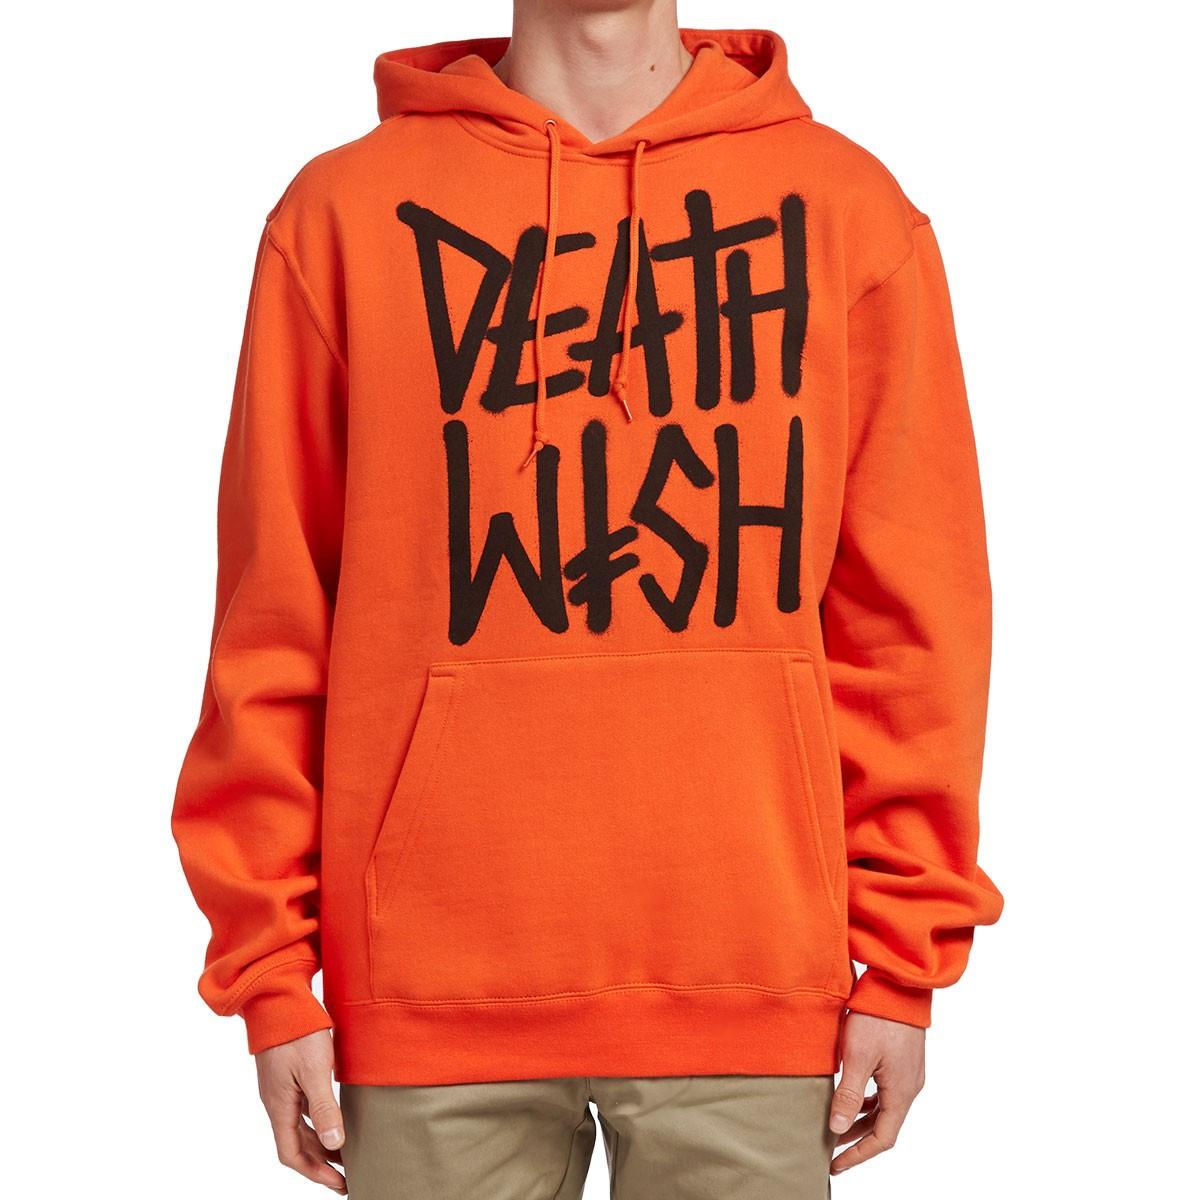 Худи Deathwish оранжевое с логотипом, унисекс (мужское, женское, детское)